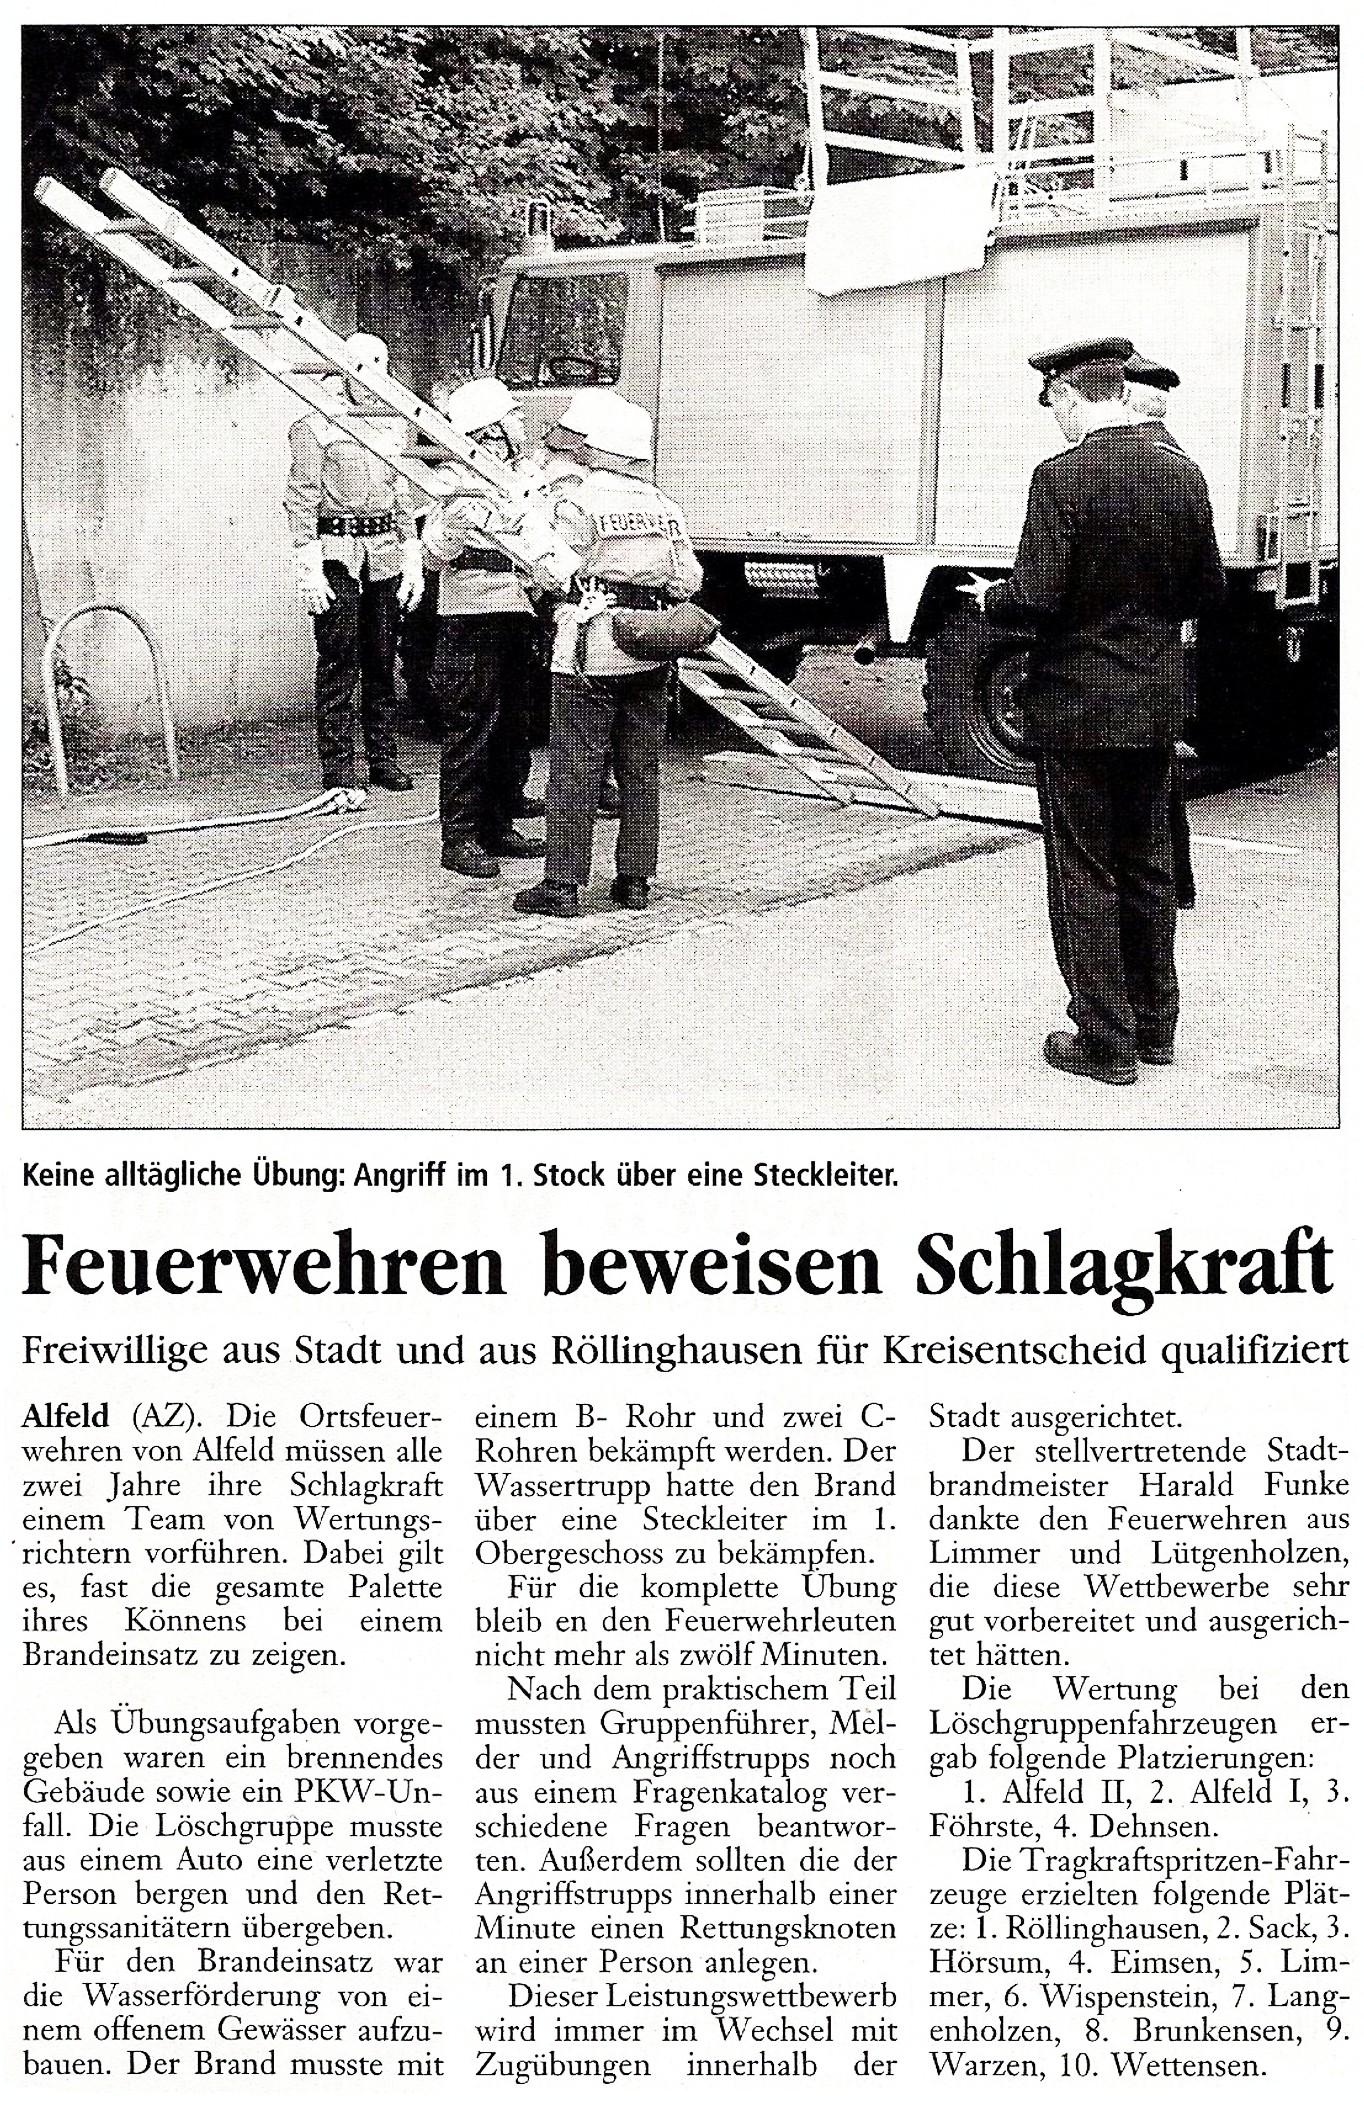 2002-05-31 Feuerwehren beweisen Schlagkraft